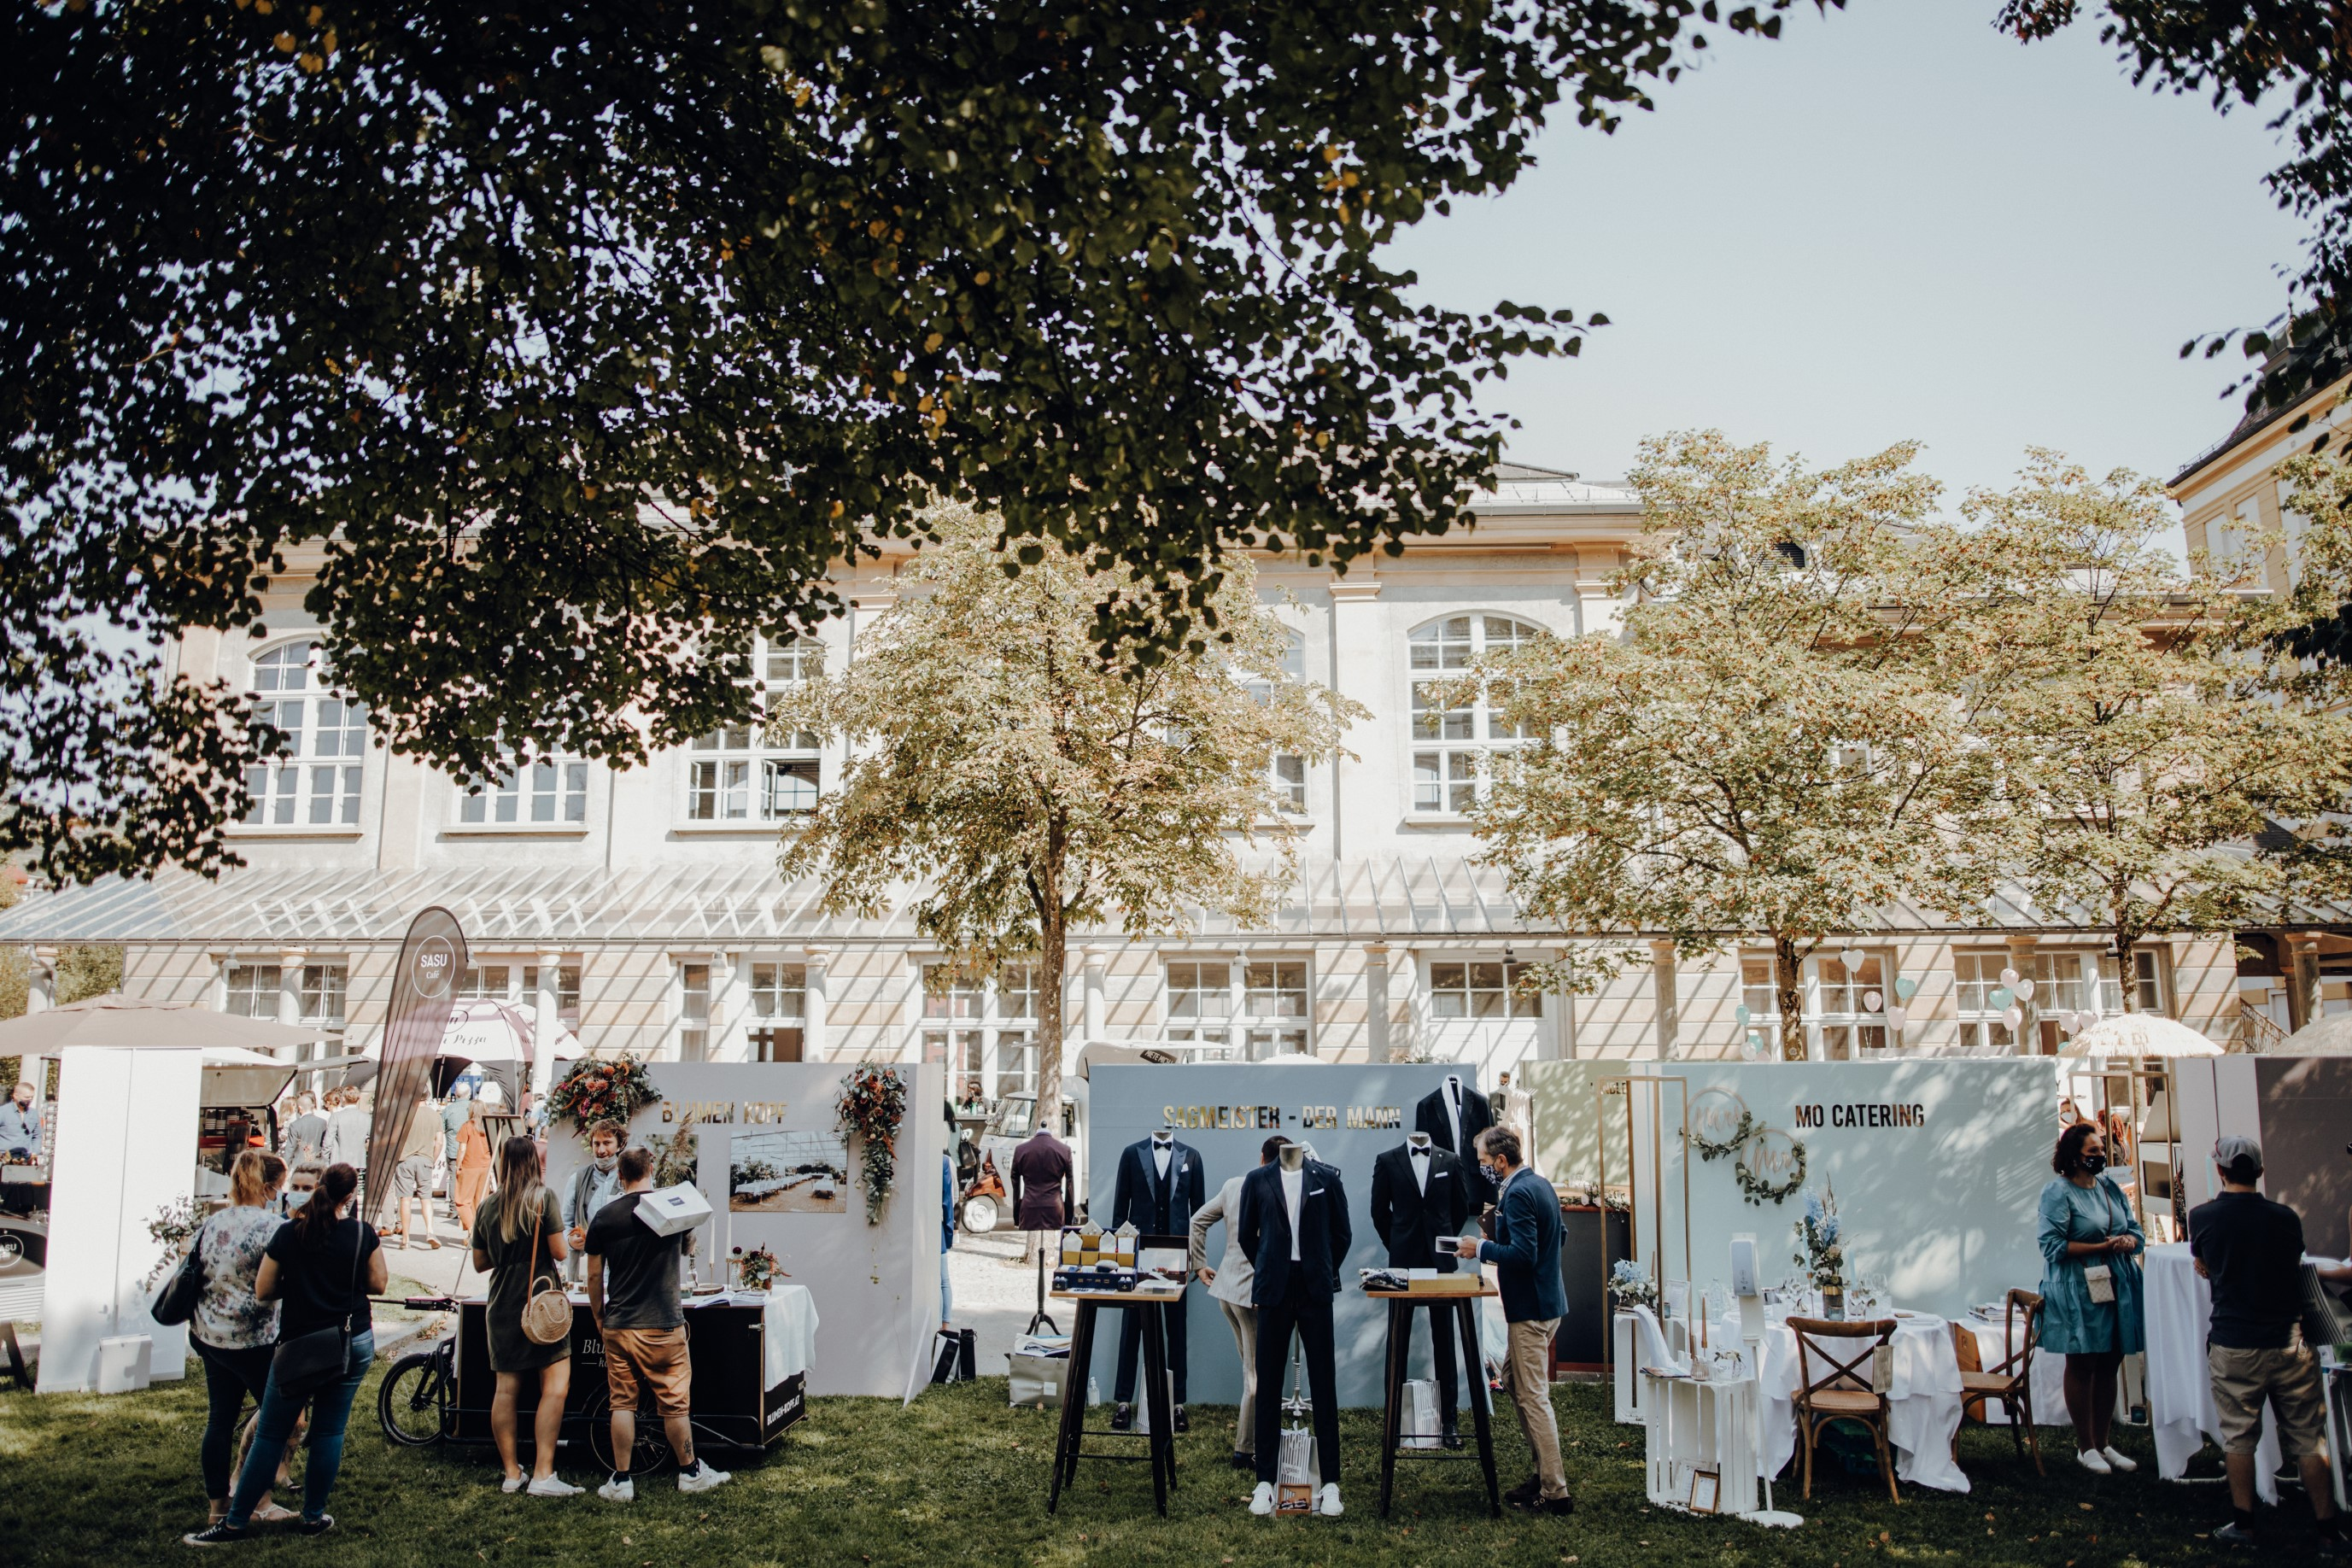 Hochzeitsmesse Vorarlberg  Luft & Liebe Hochzeitsfestival